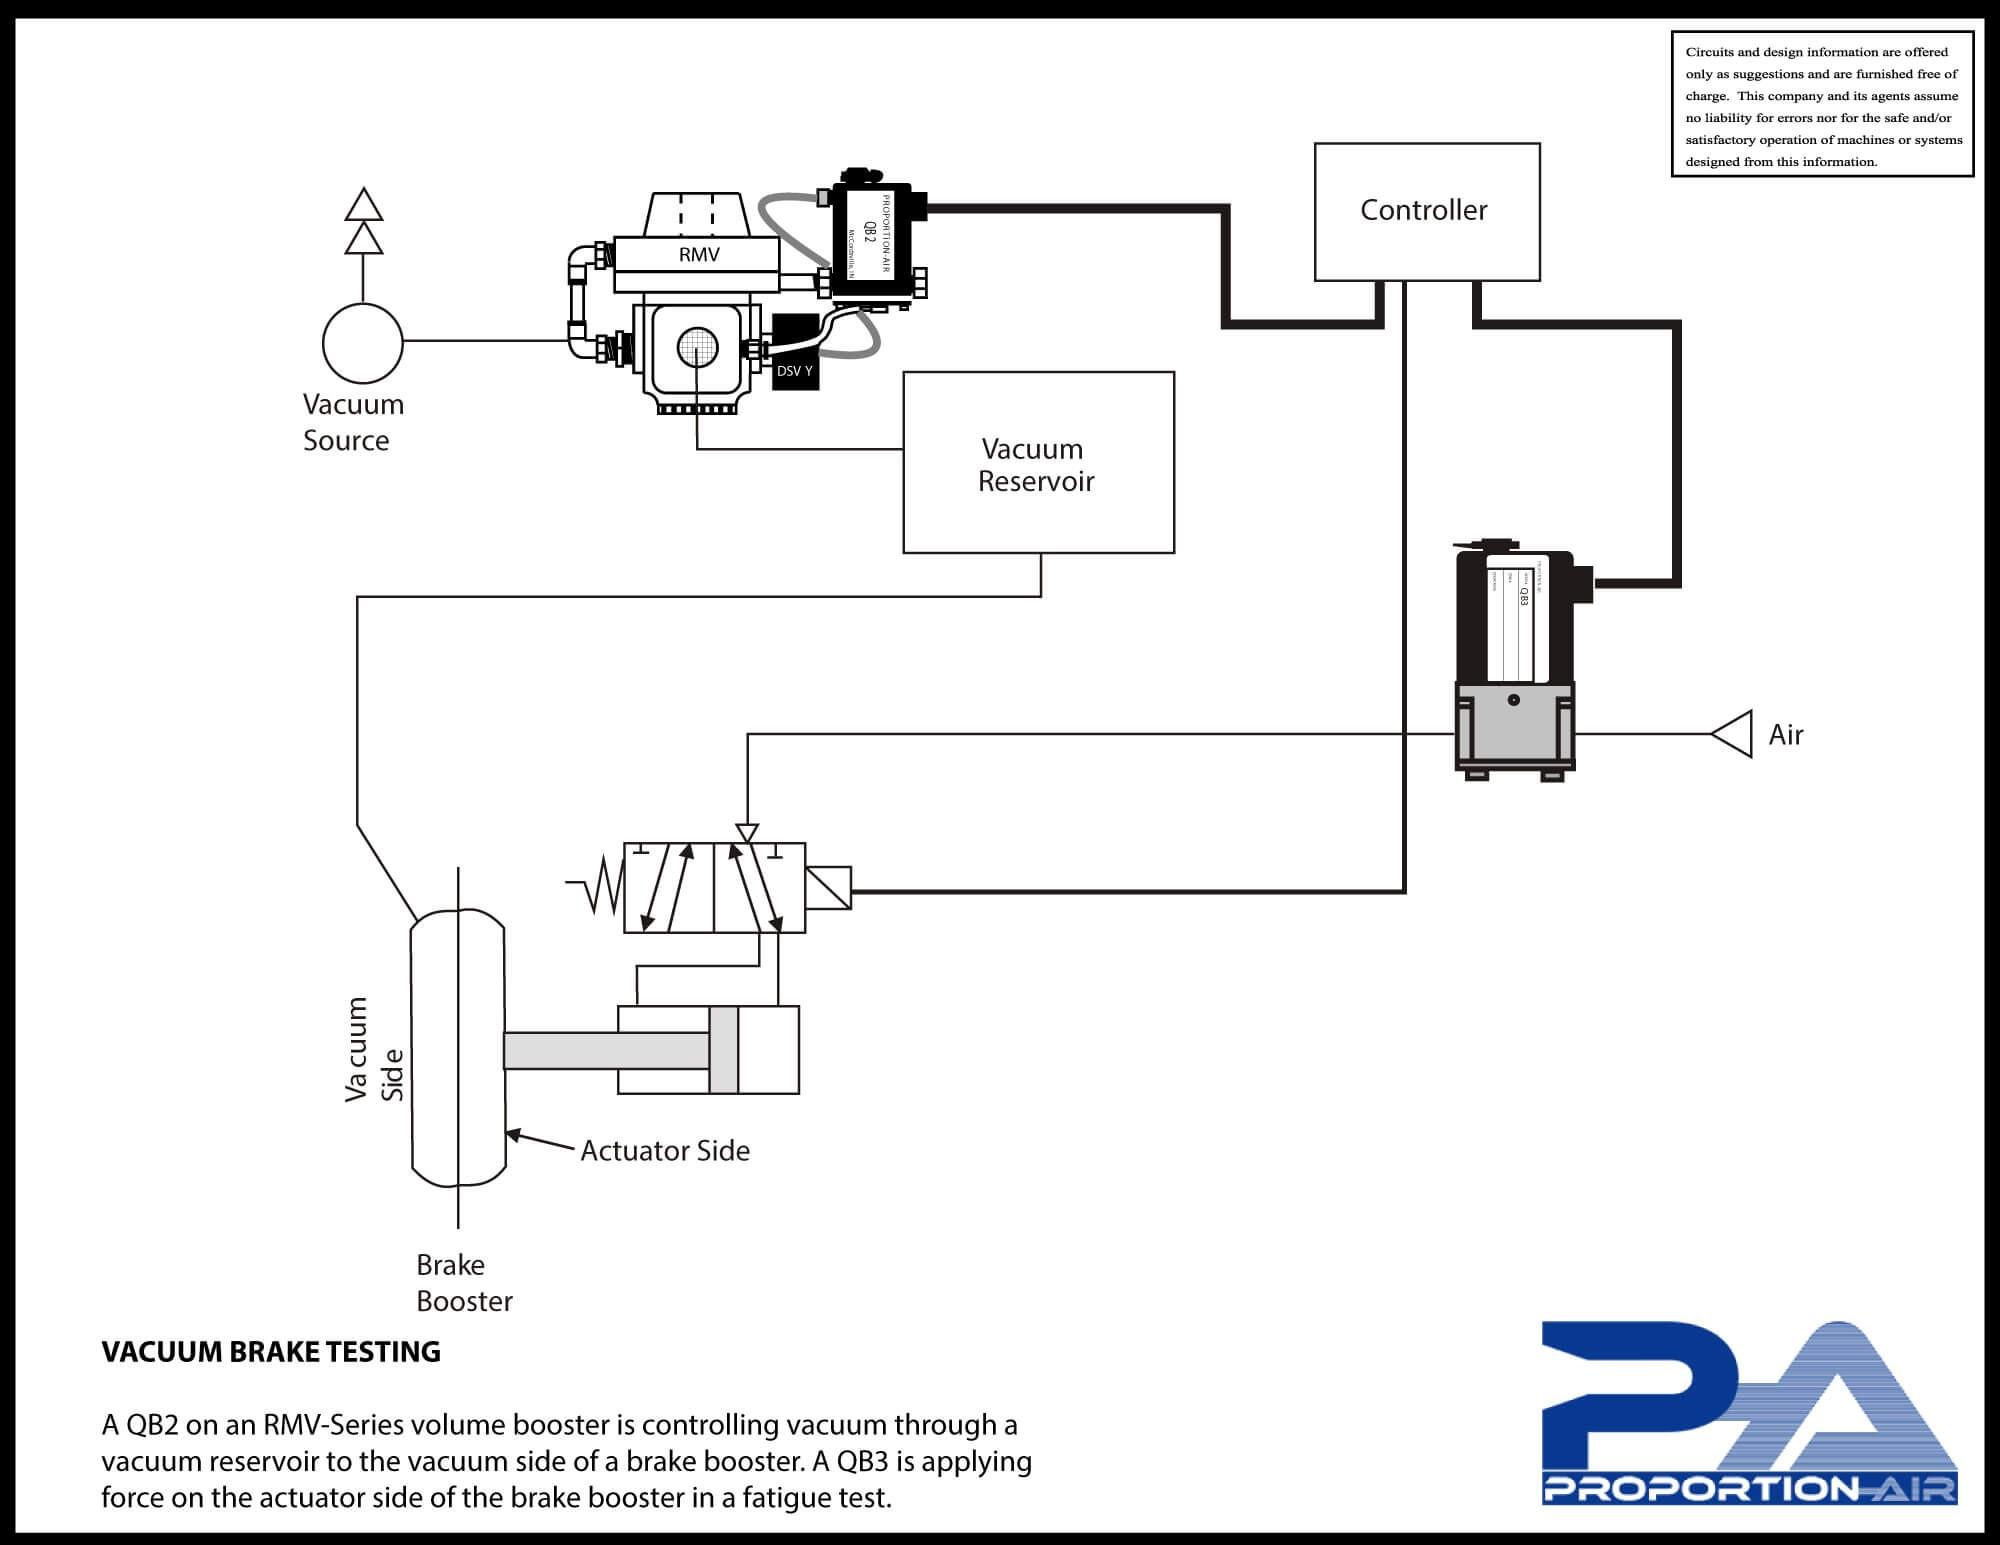 Vacuum Brake Booster Diagram Vacuum Brake Testing for Life Cycle Of Vacuum Brake Booster Diagram